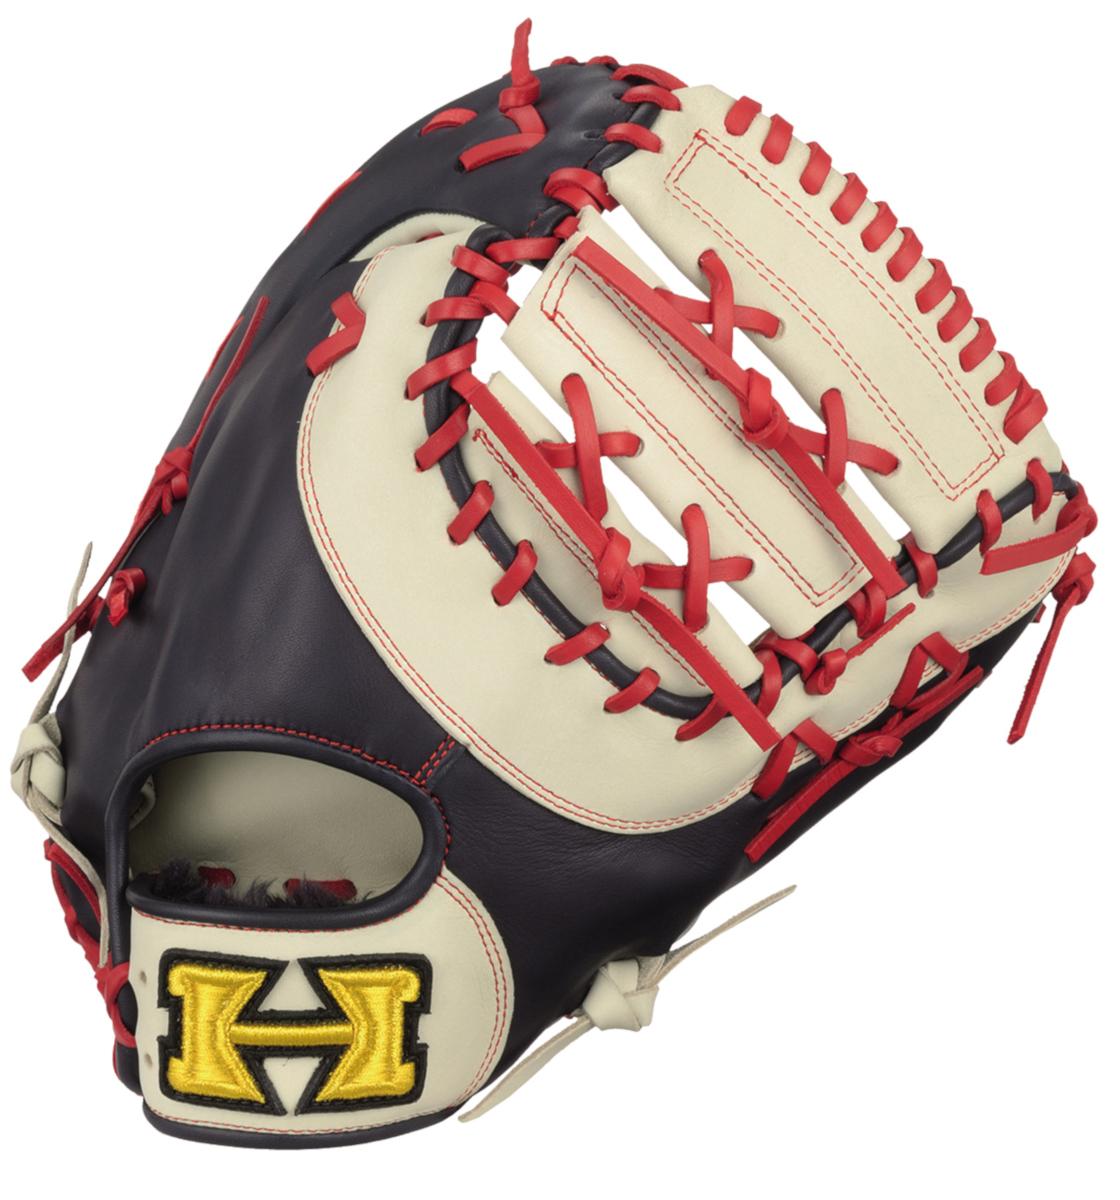 ハイゴールド ソフトボールミット ベーシックカスタマーシリーズ 一塁手用 ホワイト×ネイビー×レッド BSG87F